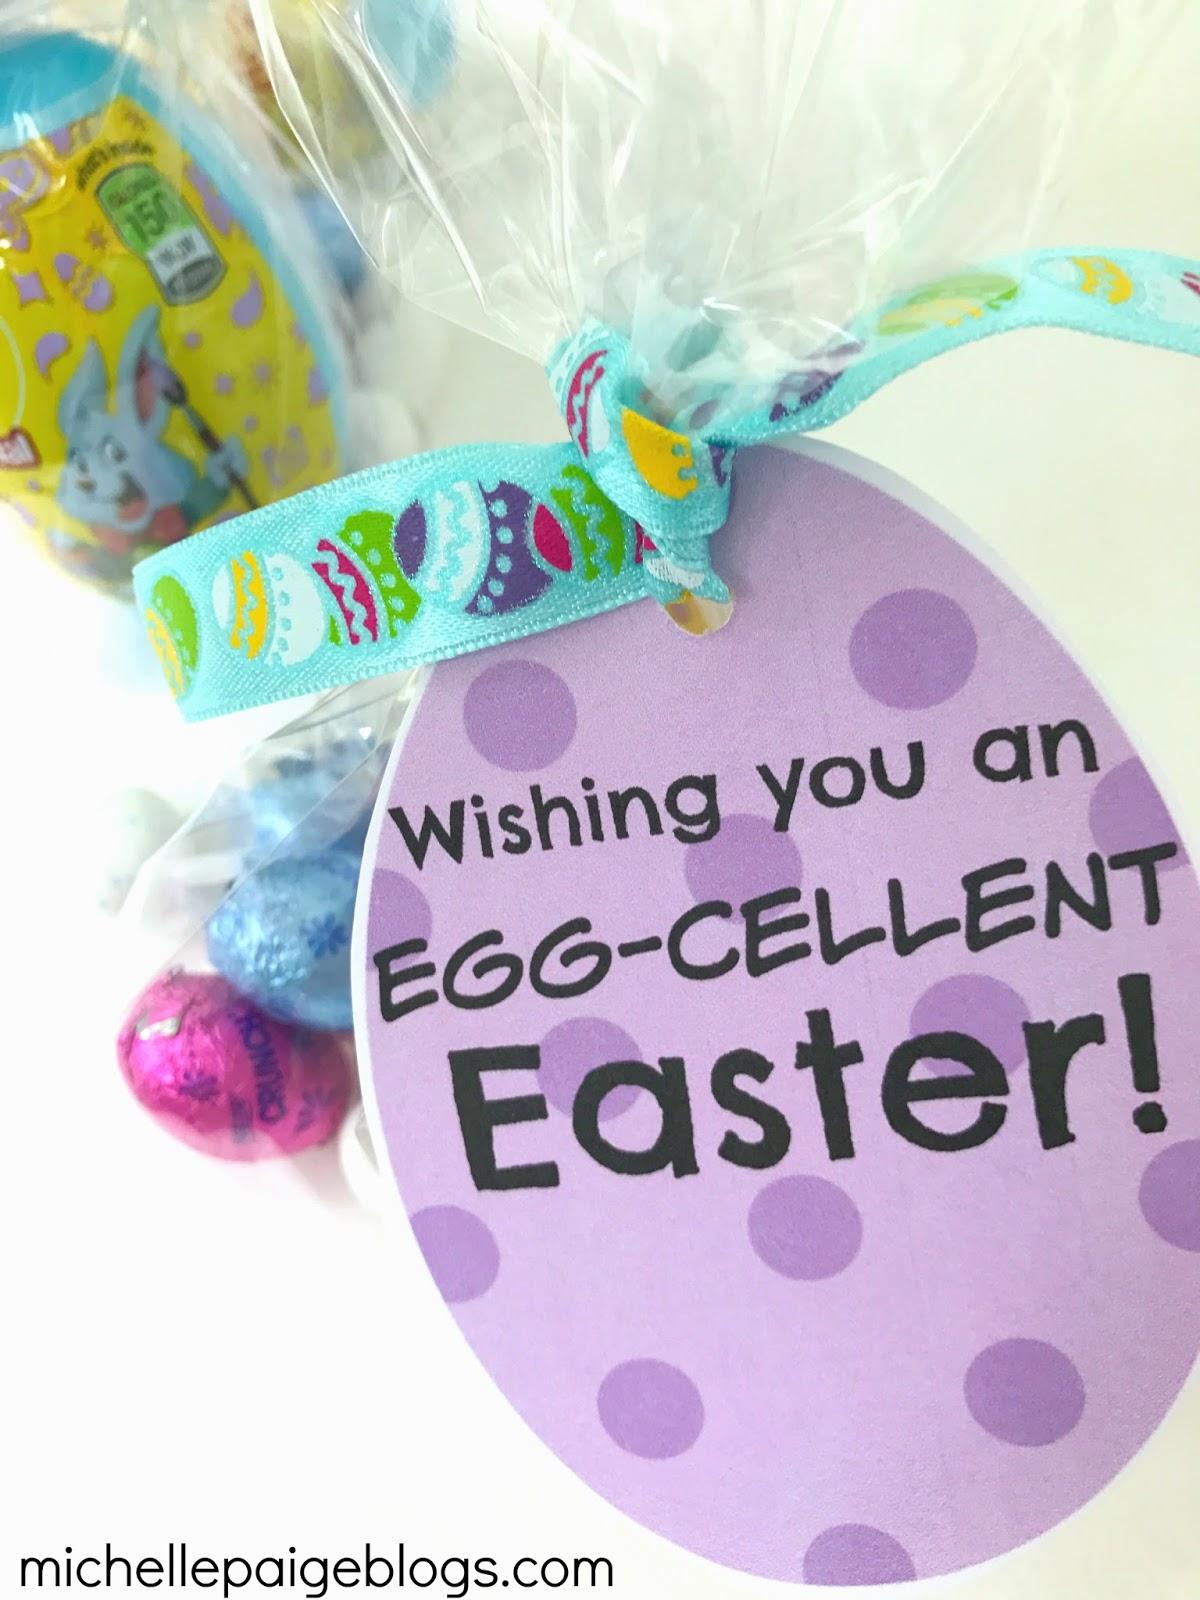 Michelle paige blogs egg cellent easter printables wishing you an egg cellent easter printable tags michellepaigeblogs negle Gallery